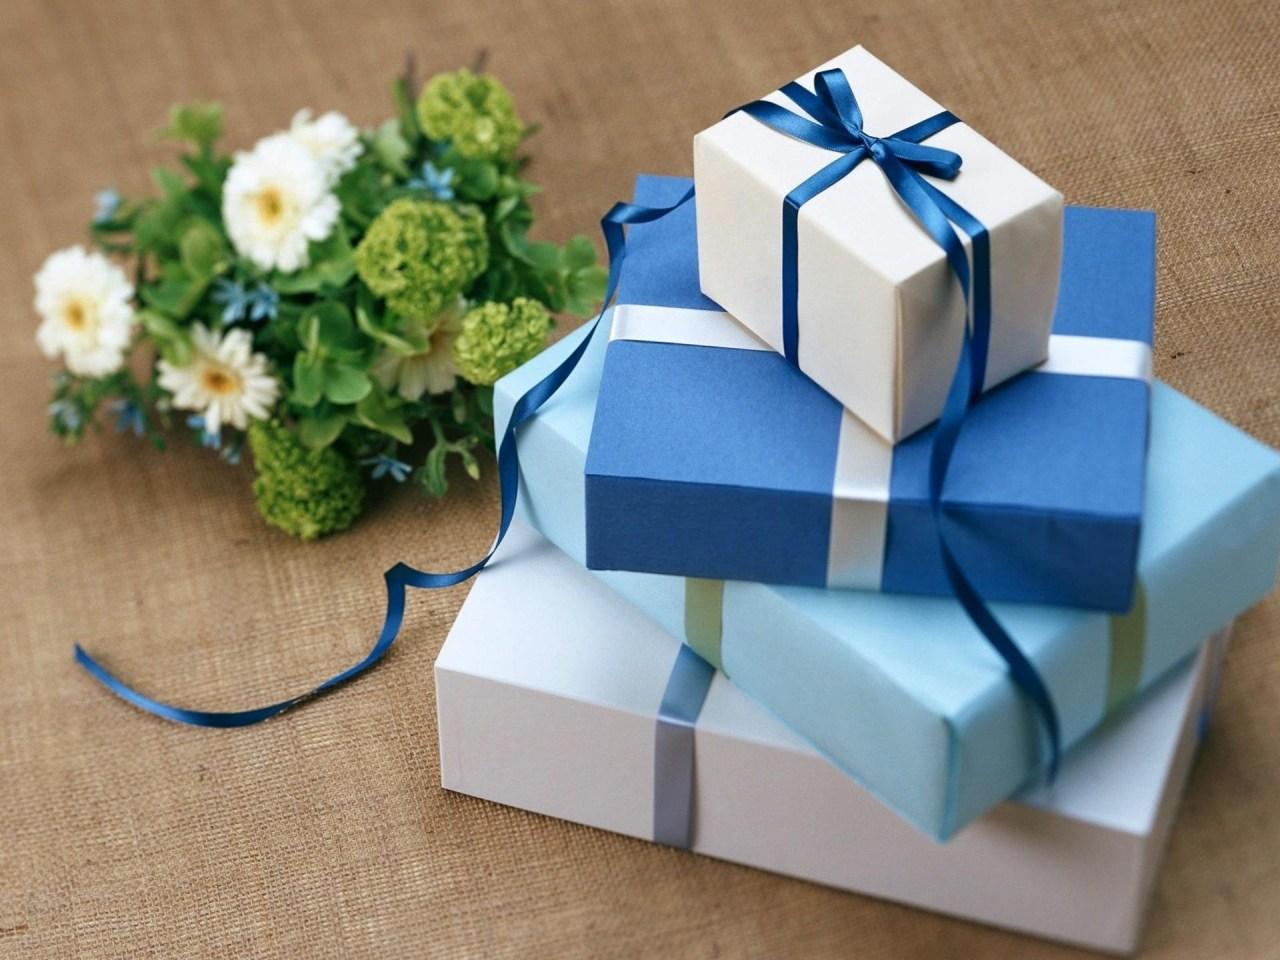 長寿のお祝い!敬老の日におすすめの人気ギフト・プレゼント10選